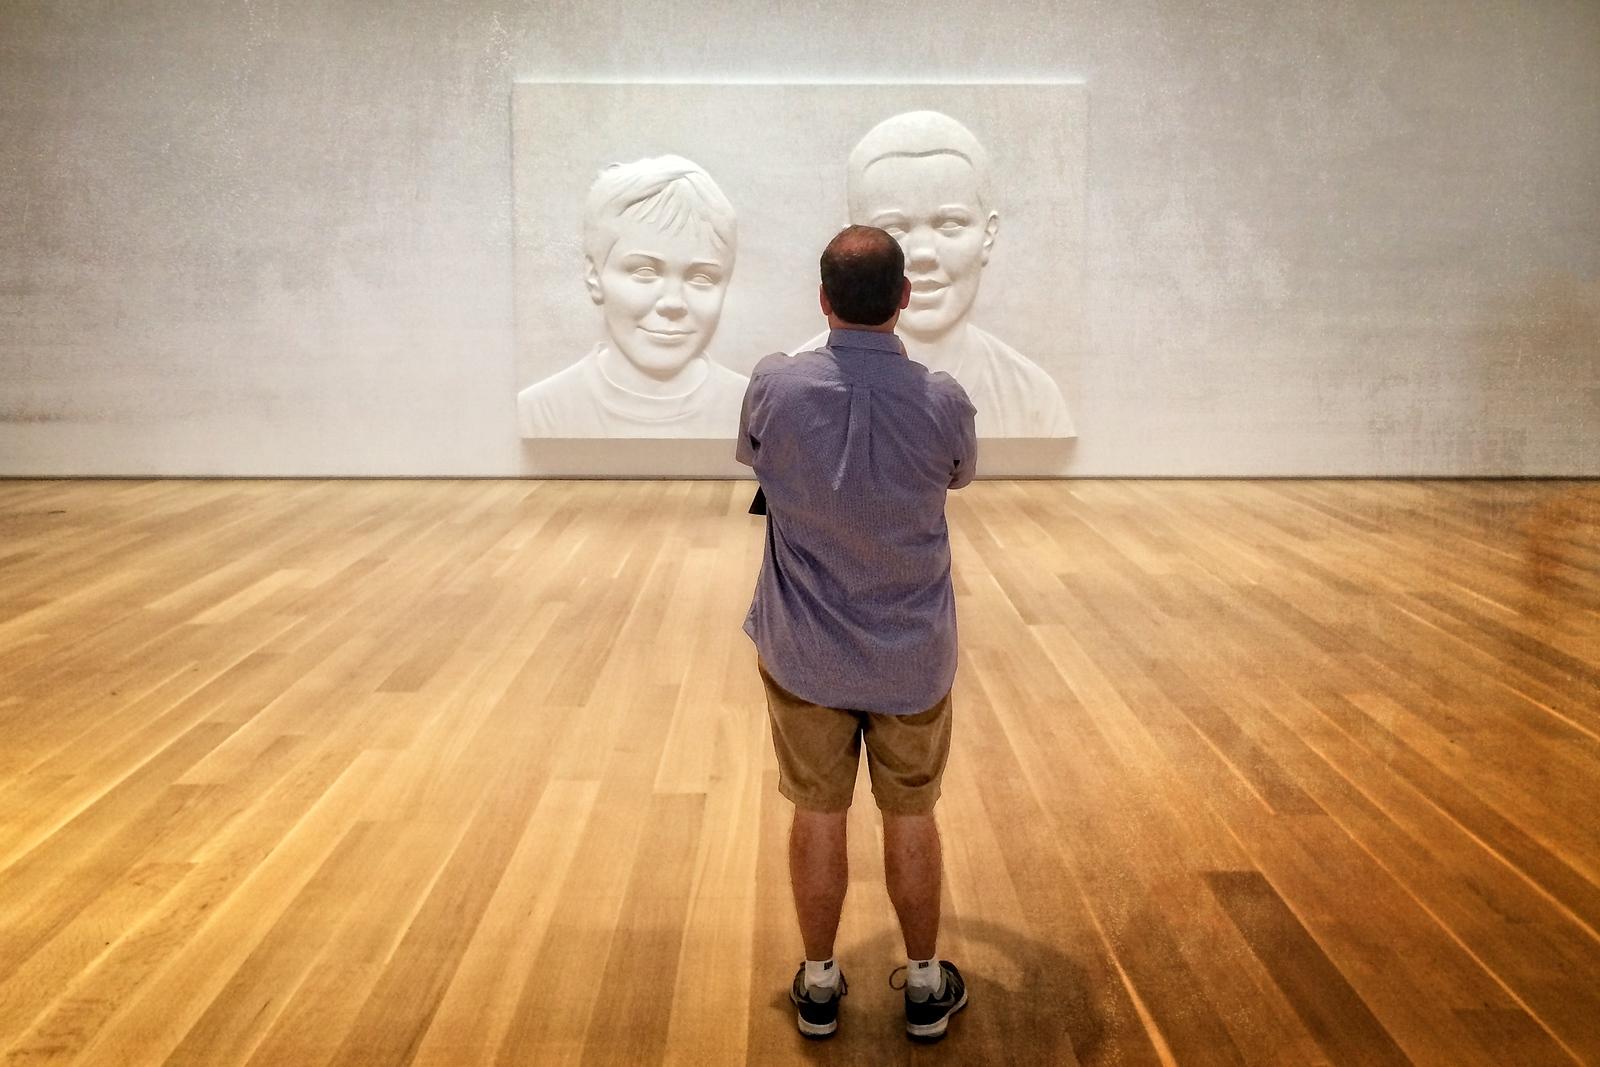 At the Art Institute